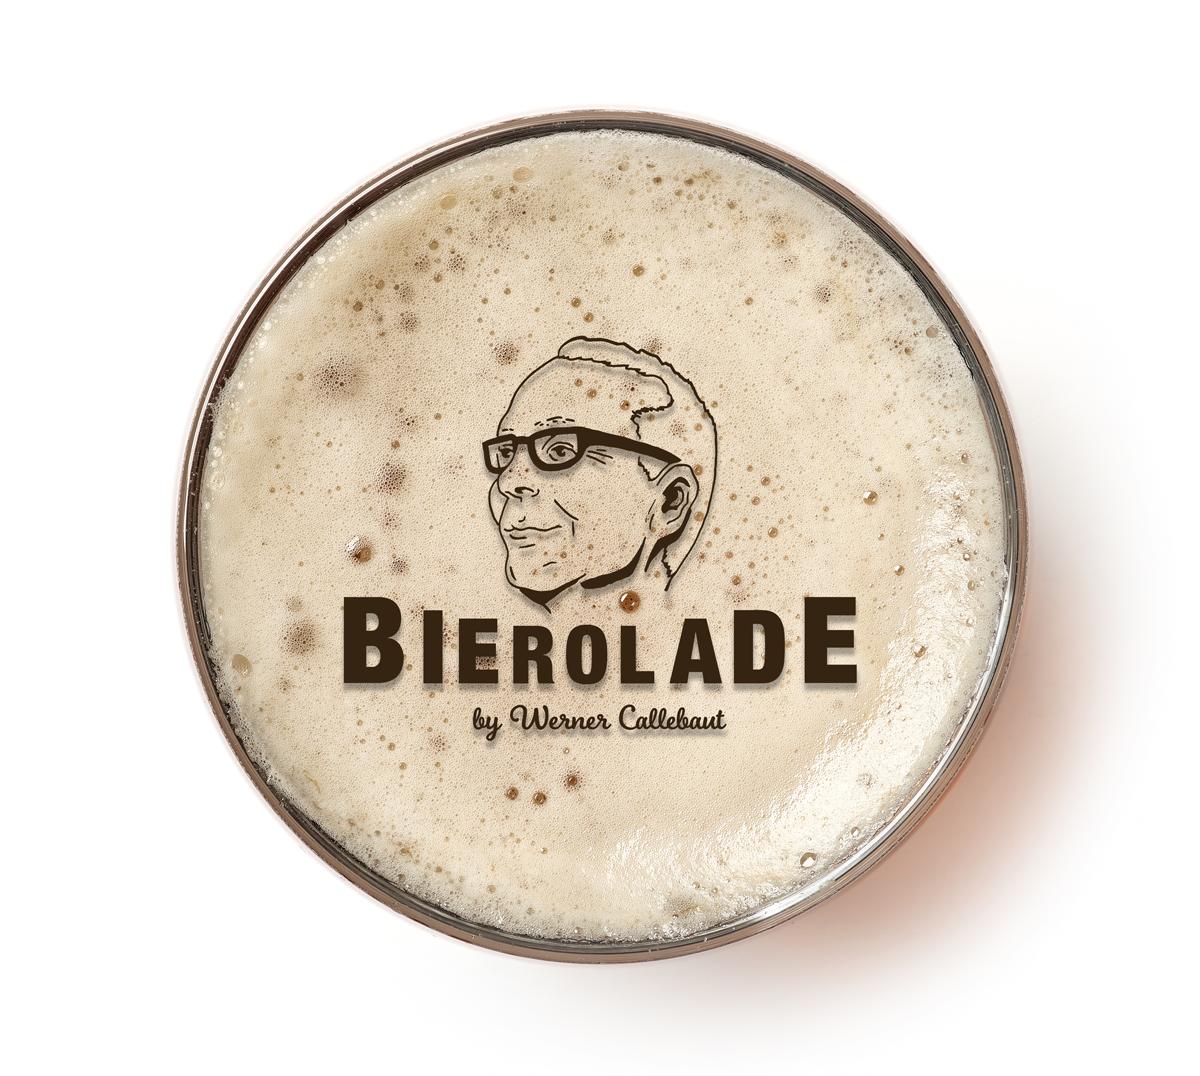 Bierolade-pic1 Over Bierolade